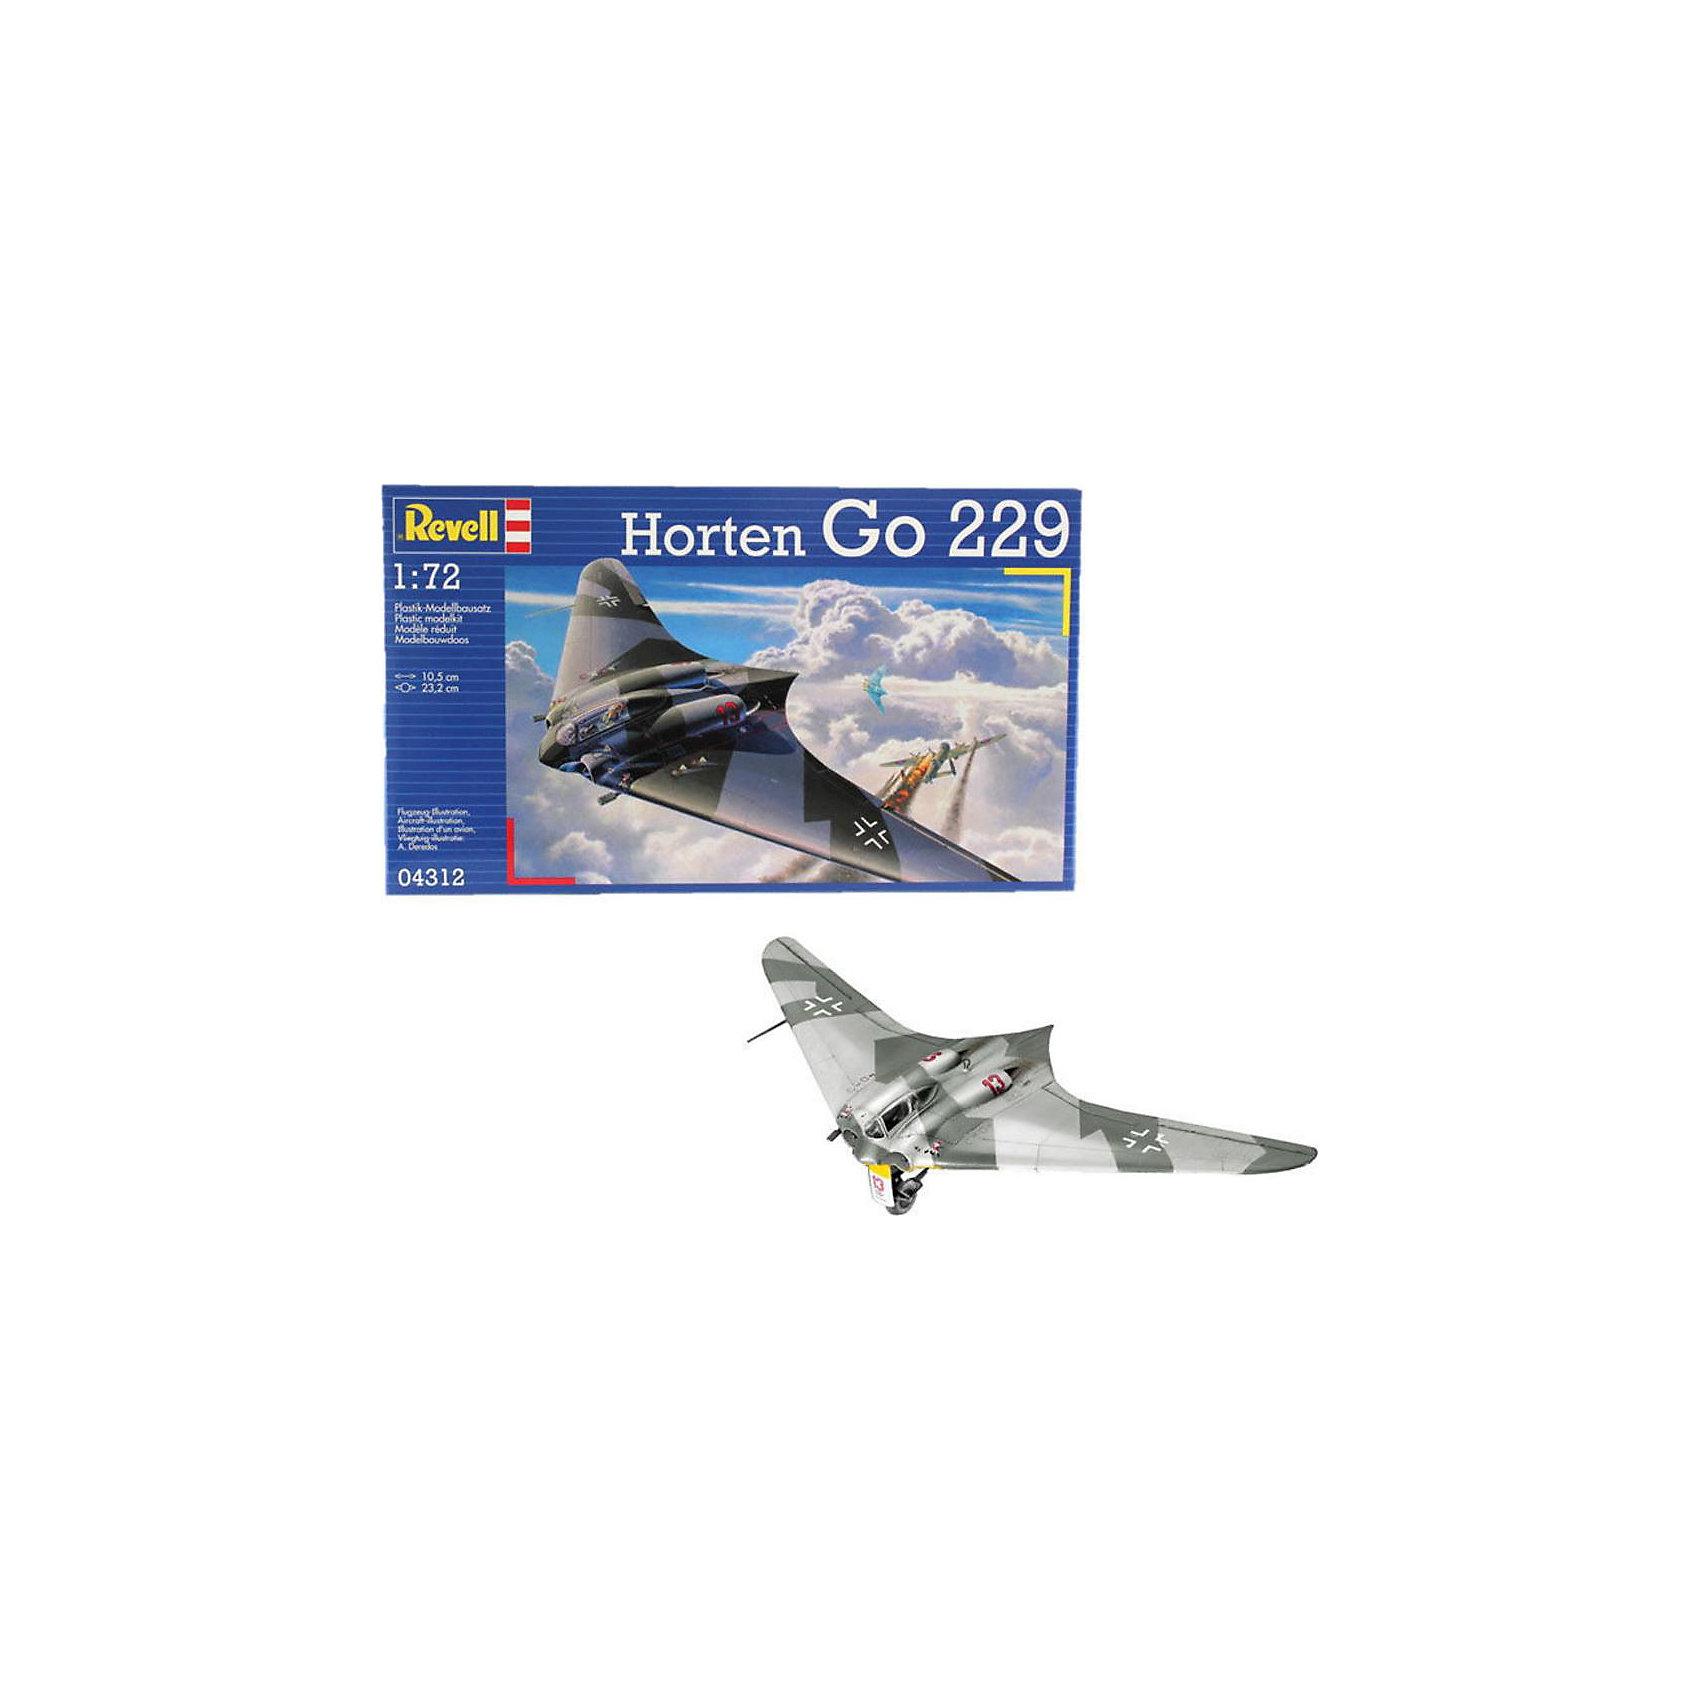 """Самолет Horten Go-229 (1:72)Модели для склеивания<br>Сборная модель немецкого самолета Horten Go-229, разработанного во время Второй Мировой войны. Это """"летающее крыло"""" проектировалось братьями Хортен с 1931 года. До конца войны в различных стадиях производства находилось 6 машин. Только два Horten Go-229 в ходе испытаний поднимались в воздух. После войны один из самолетов был разобран и переправлен в США. <br>Масштаб: 1:72 <br>Количество деталей: 70 <br>Длина модели: 105мм <br>Размах крыльев: 232мм. <br>Клей и краски в комплект не входят<br><br>Ширина мм: 9999<br>Глубина мм: 9999<br>Высота мм: 9999<br>Вес г: 9999<br>Возраст от месяцев: -2147483648<br>Возраст до месяцев: 2147483647<br>Пол: Унисекс<br>Возраст: Детский<br>SKU: 1772869"""